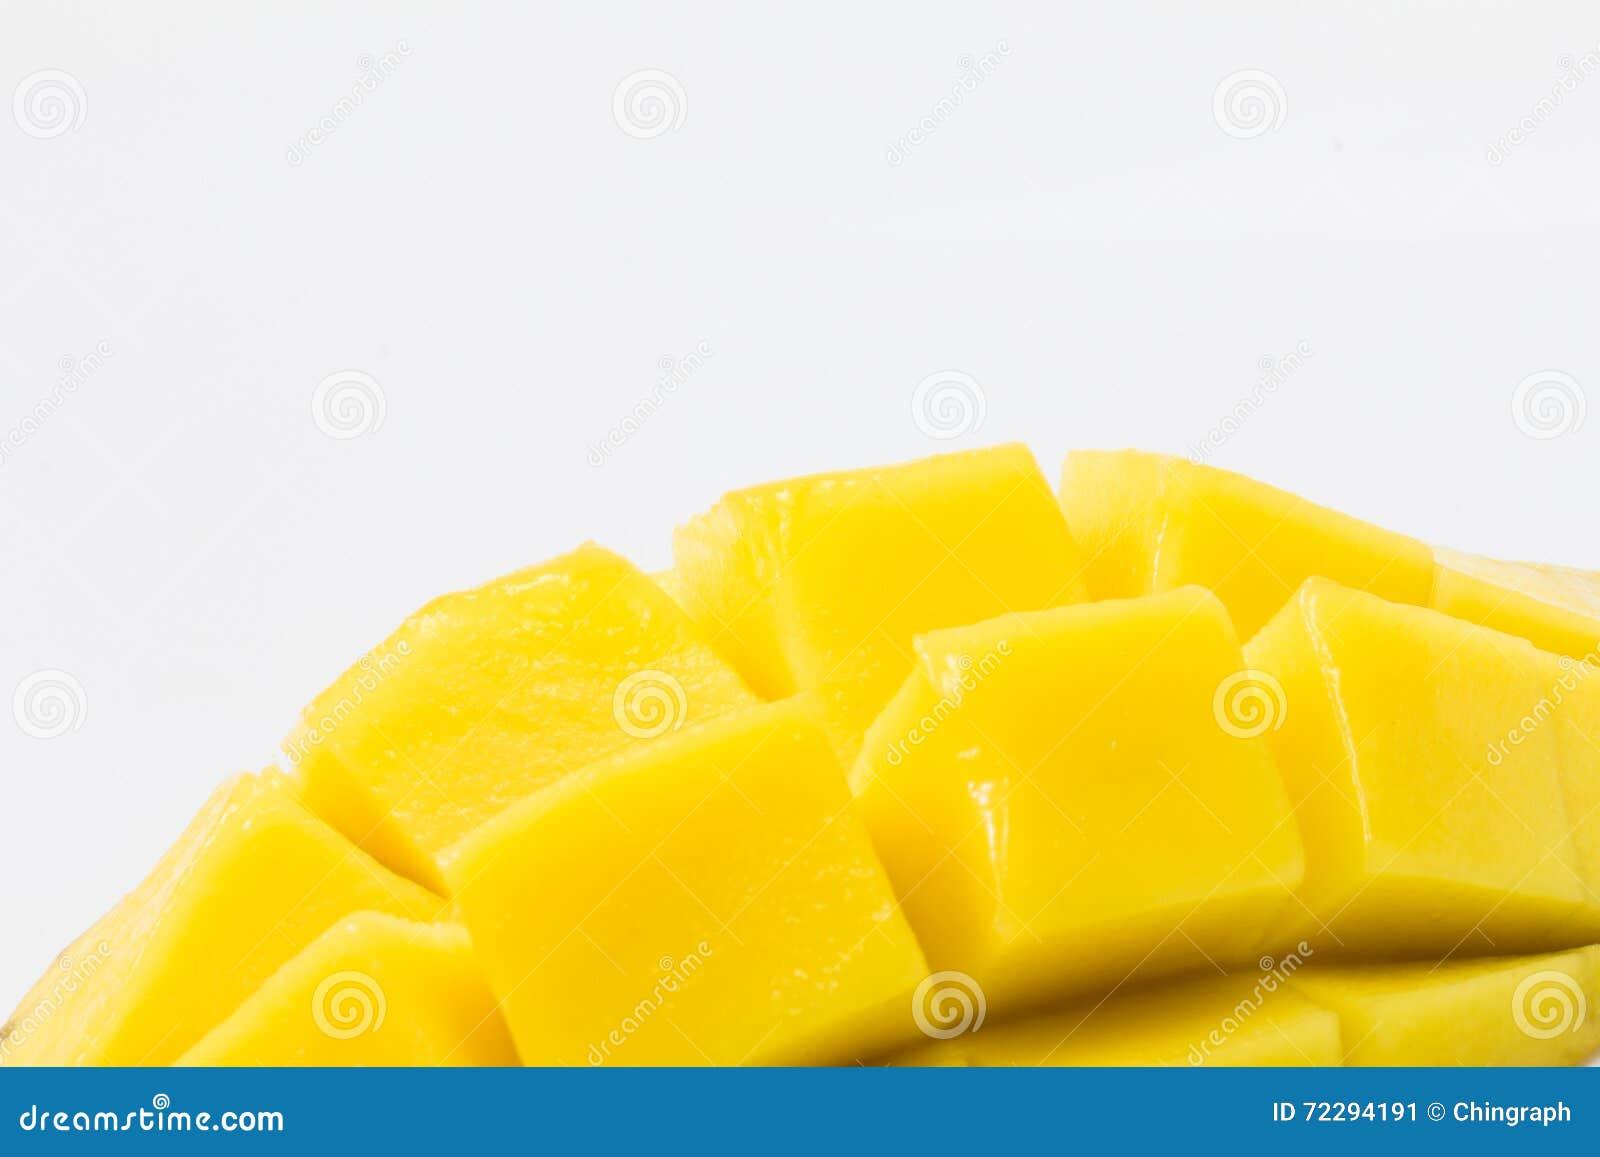 Download Свежее очень вкусное желтое манго изолированное на белой предпосылке Стоковое Изображение - изображение насчитывающей лакомка, питание: 72294191